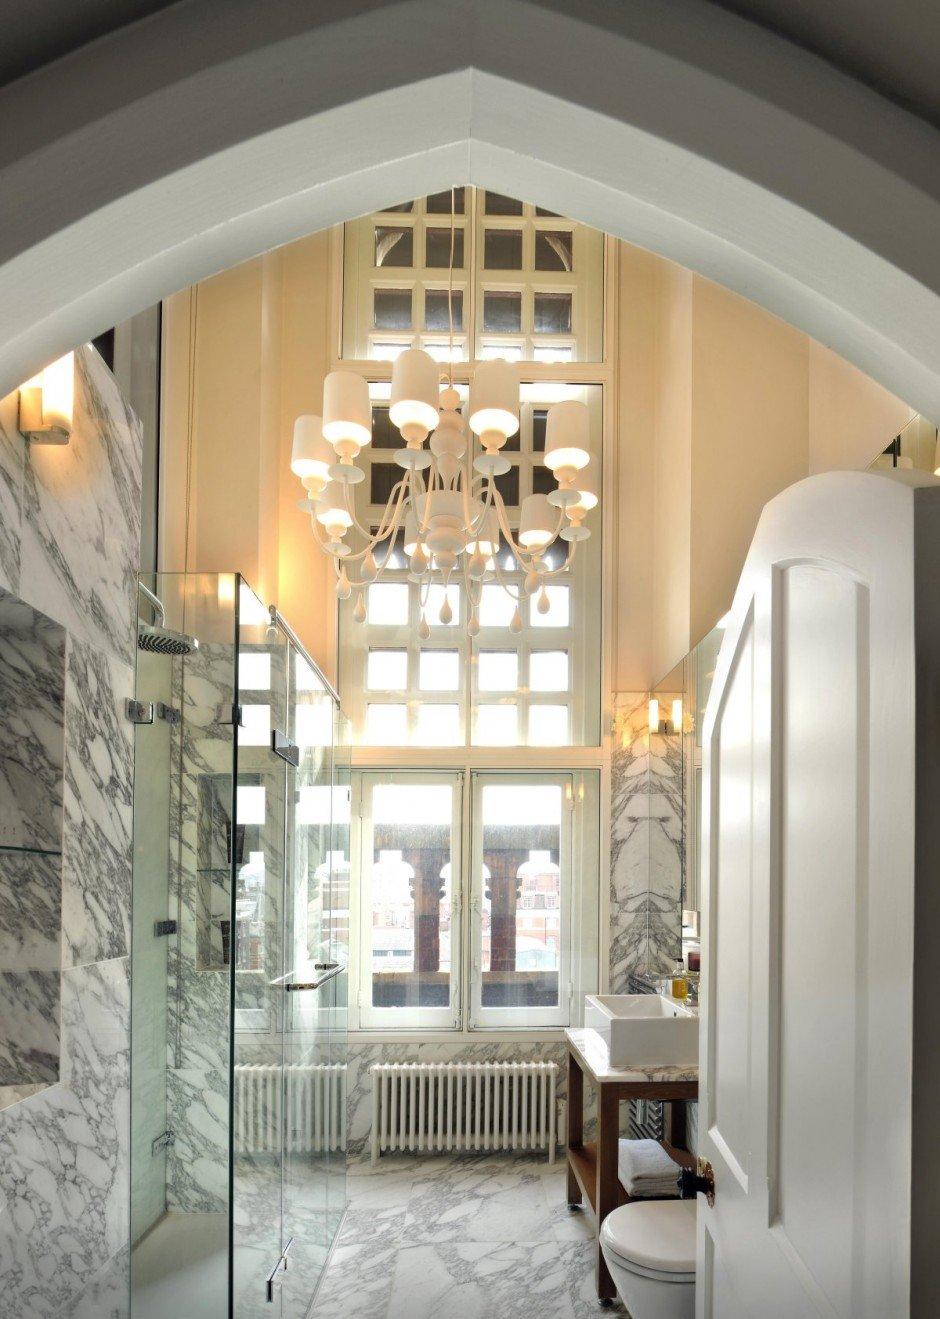 Фотография: Ванная в стиле , Квартира, Flos, Дома и квартиры, Лондон, Лестница, Библиотека, Готический – фото на INMYROOM